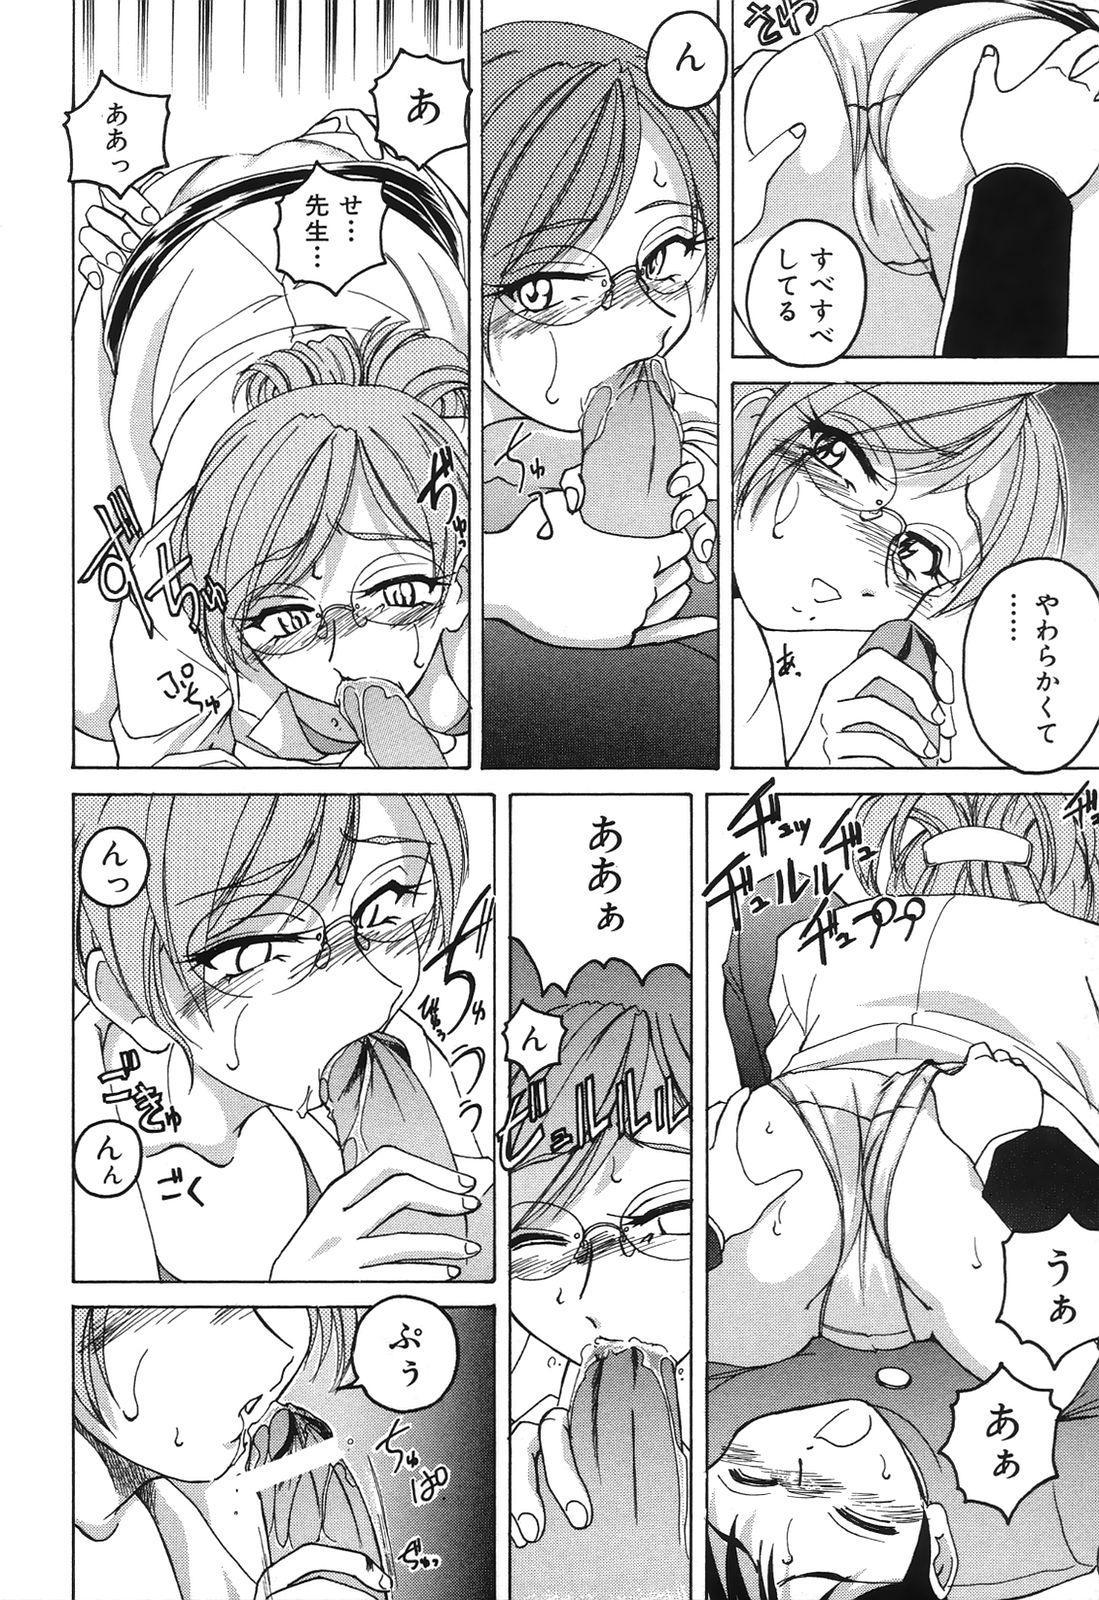 Omake No Musume 80